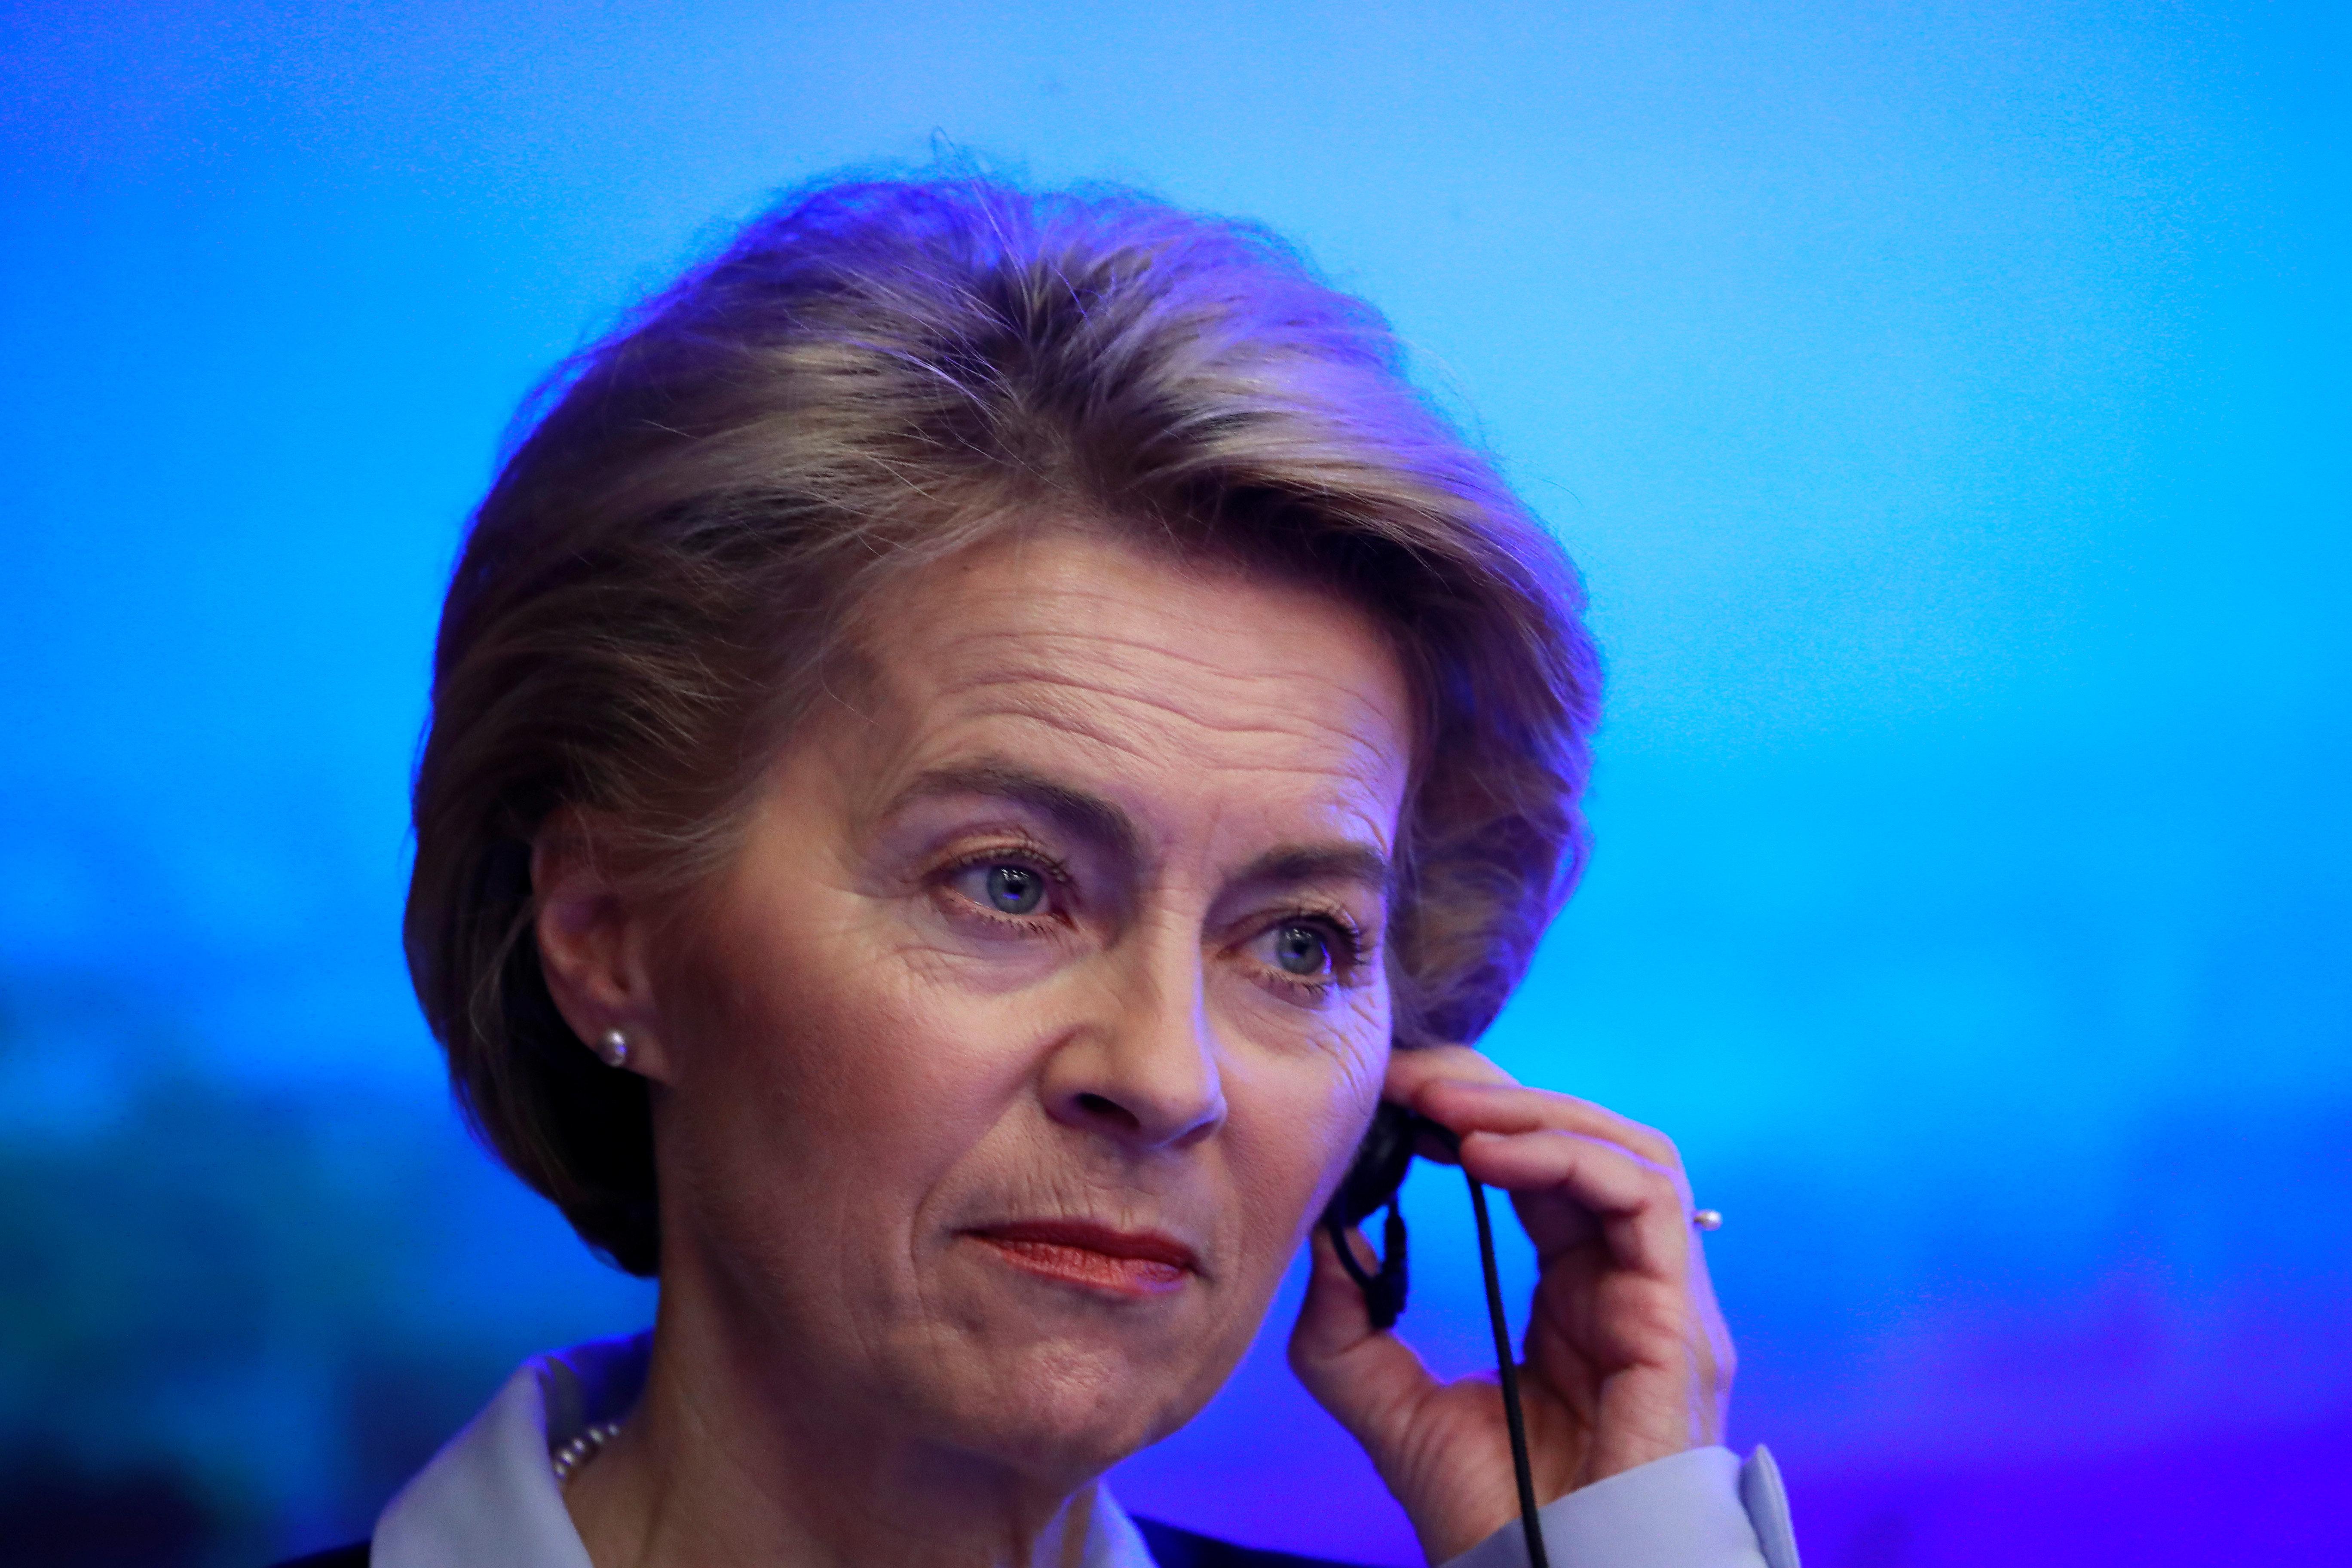 Wegtreten: Für Verteidigungsministerin von der Leyen wird es